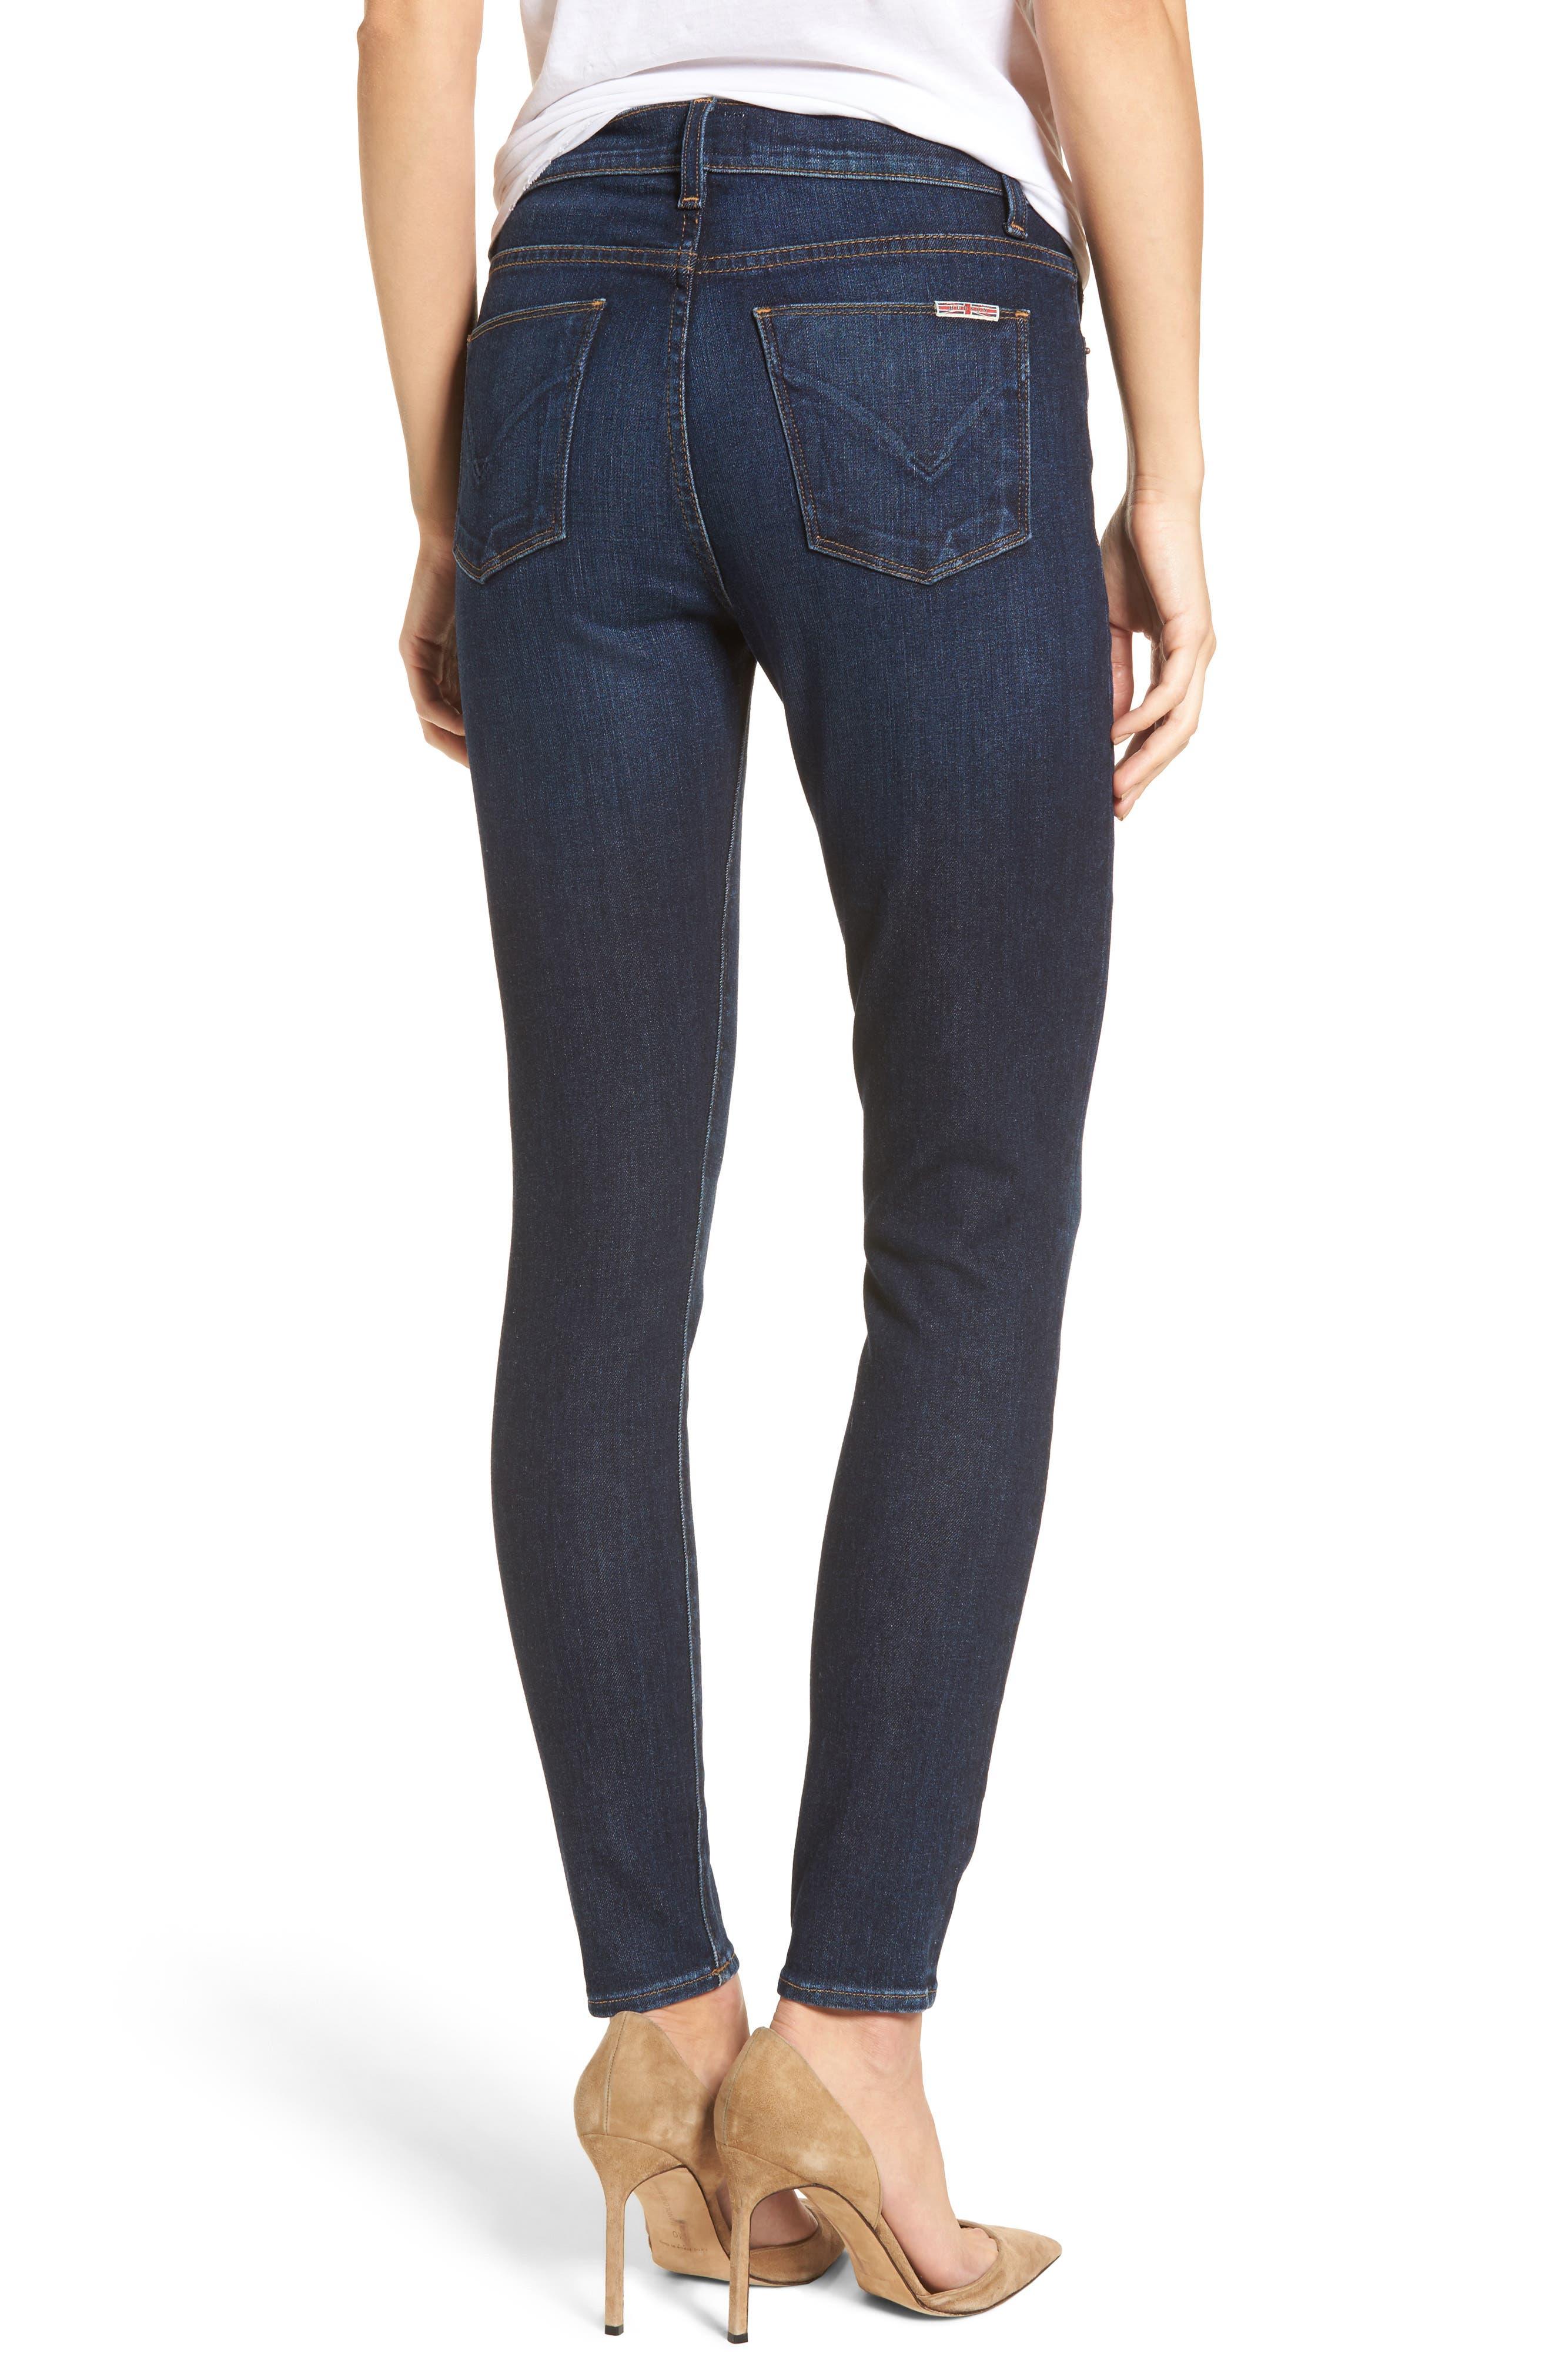 Alternate Image 2  - Hudson Jeans Barbara High Waist Ankle Super Skinny Jeans (Daze)